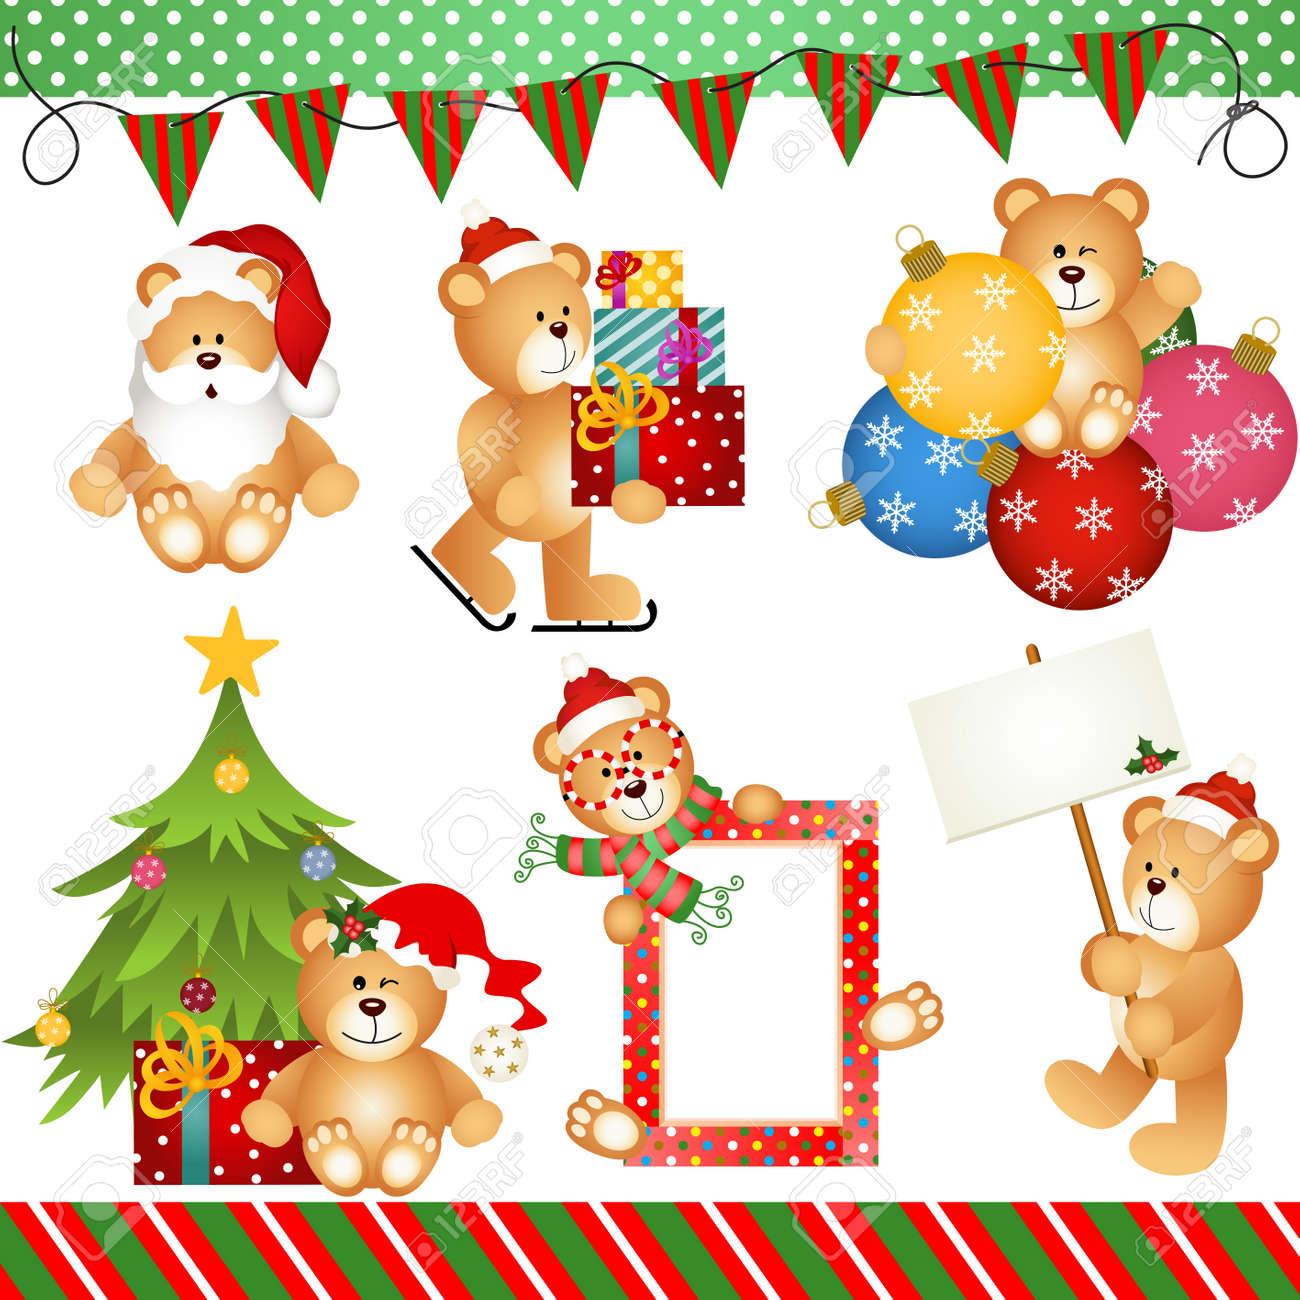 Bilder Weihnachten Clipart.Stock Photo